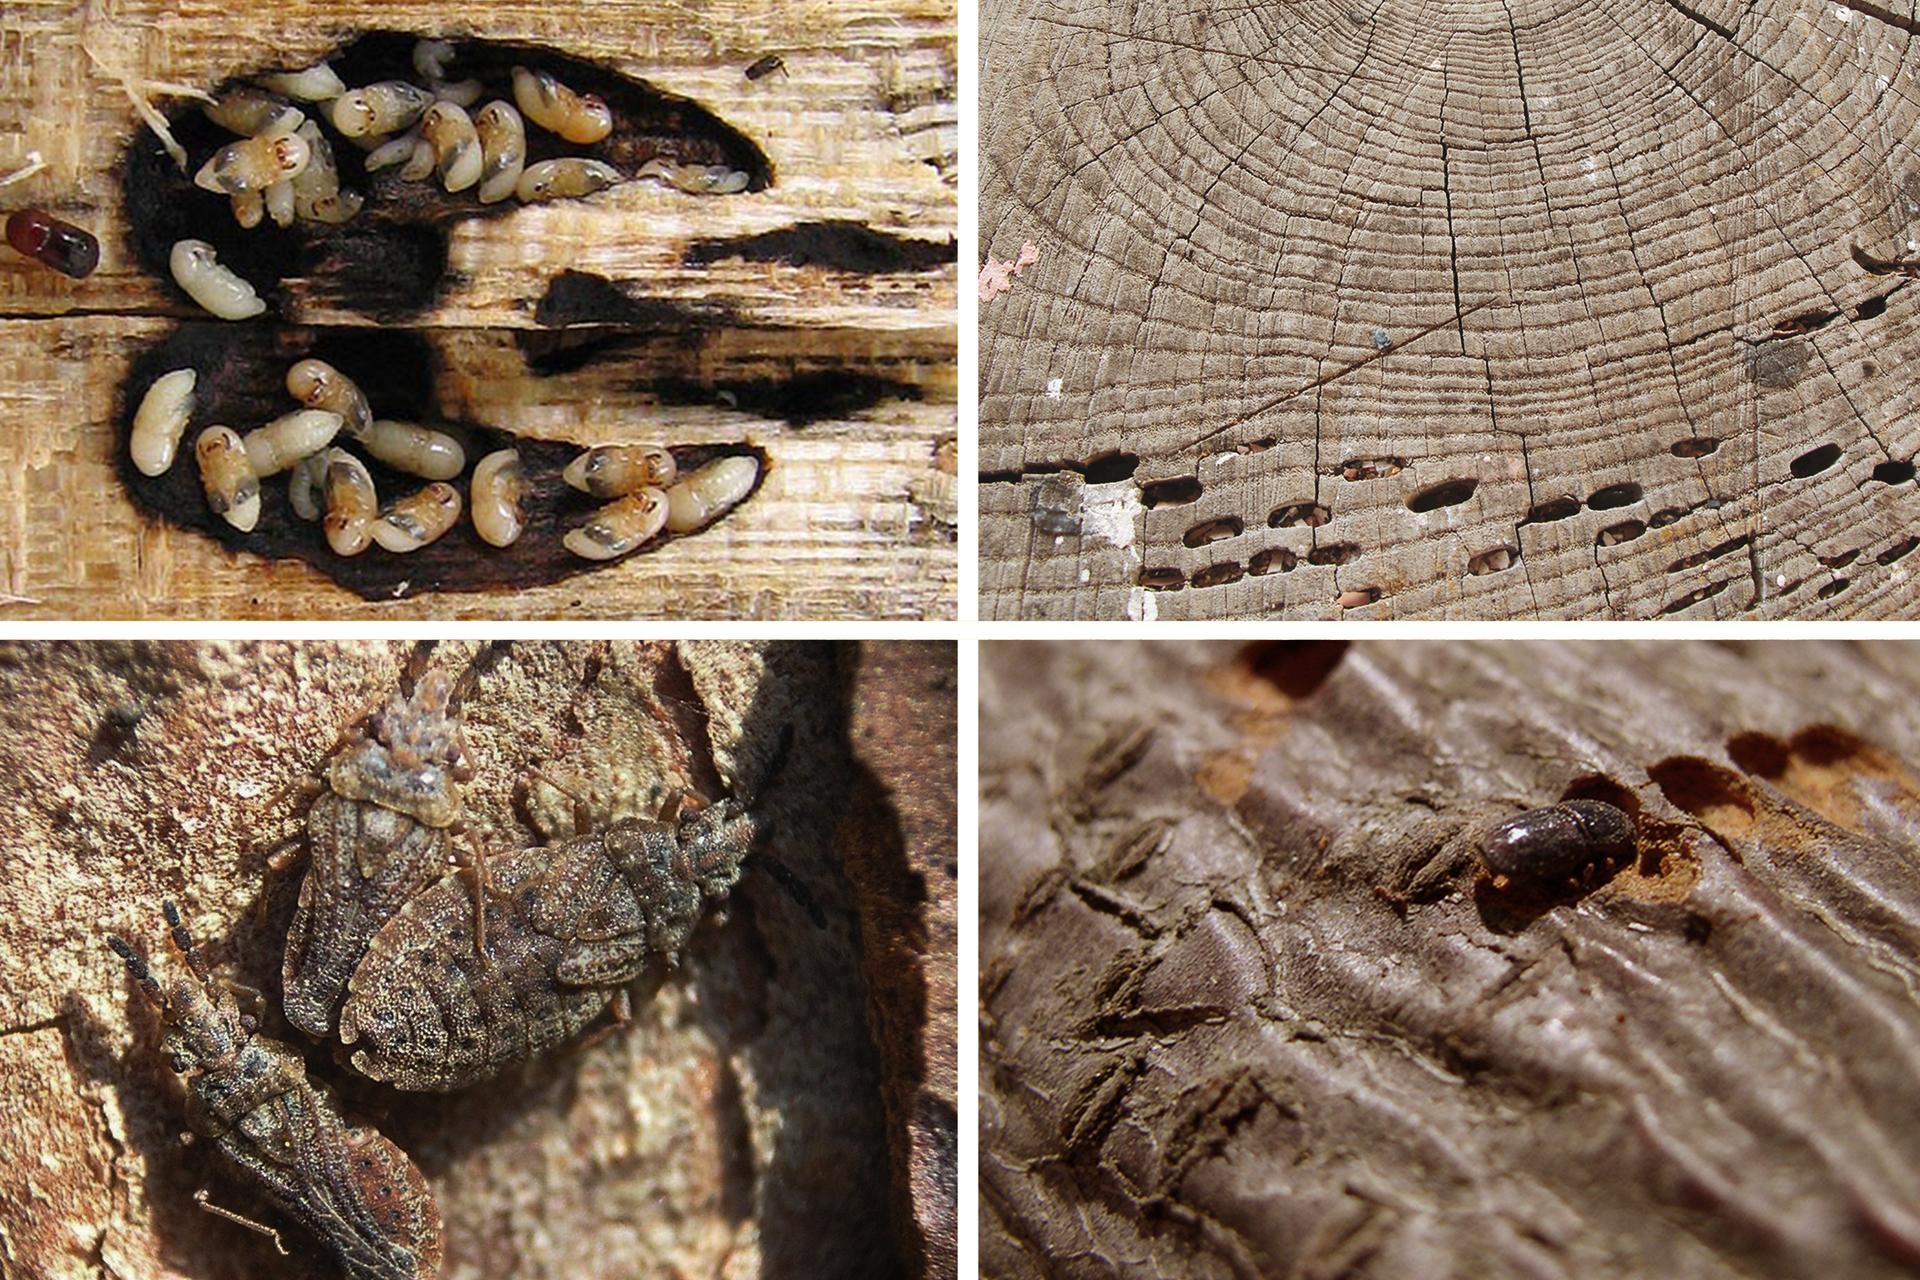 Ilustracja składa się zczterech fotografii iprzedstawia owady iich larwy żerujące wdrewnie. Są to organizmy uważane za szkodniki drzew.